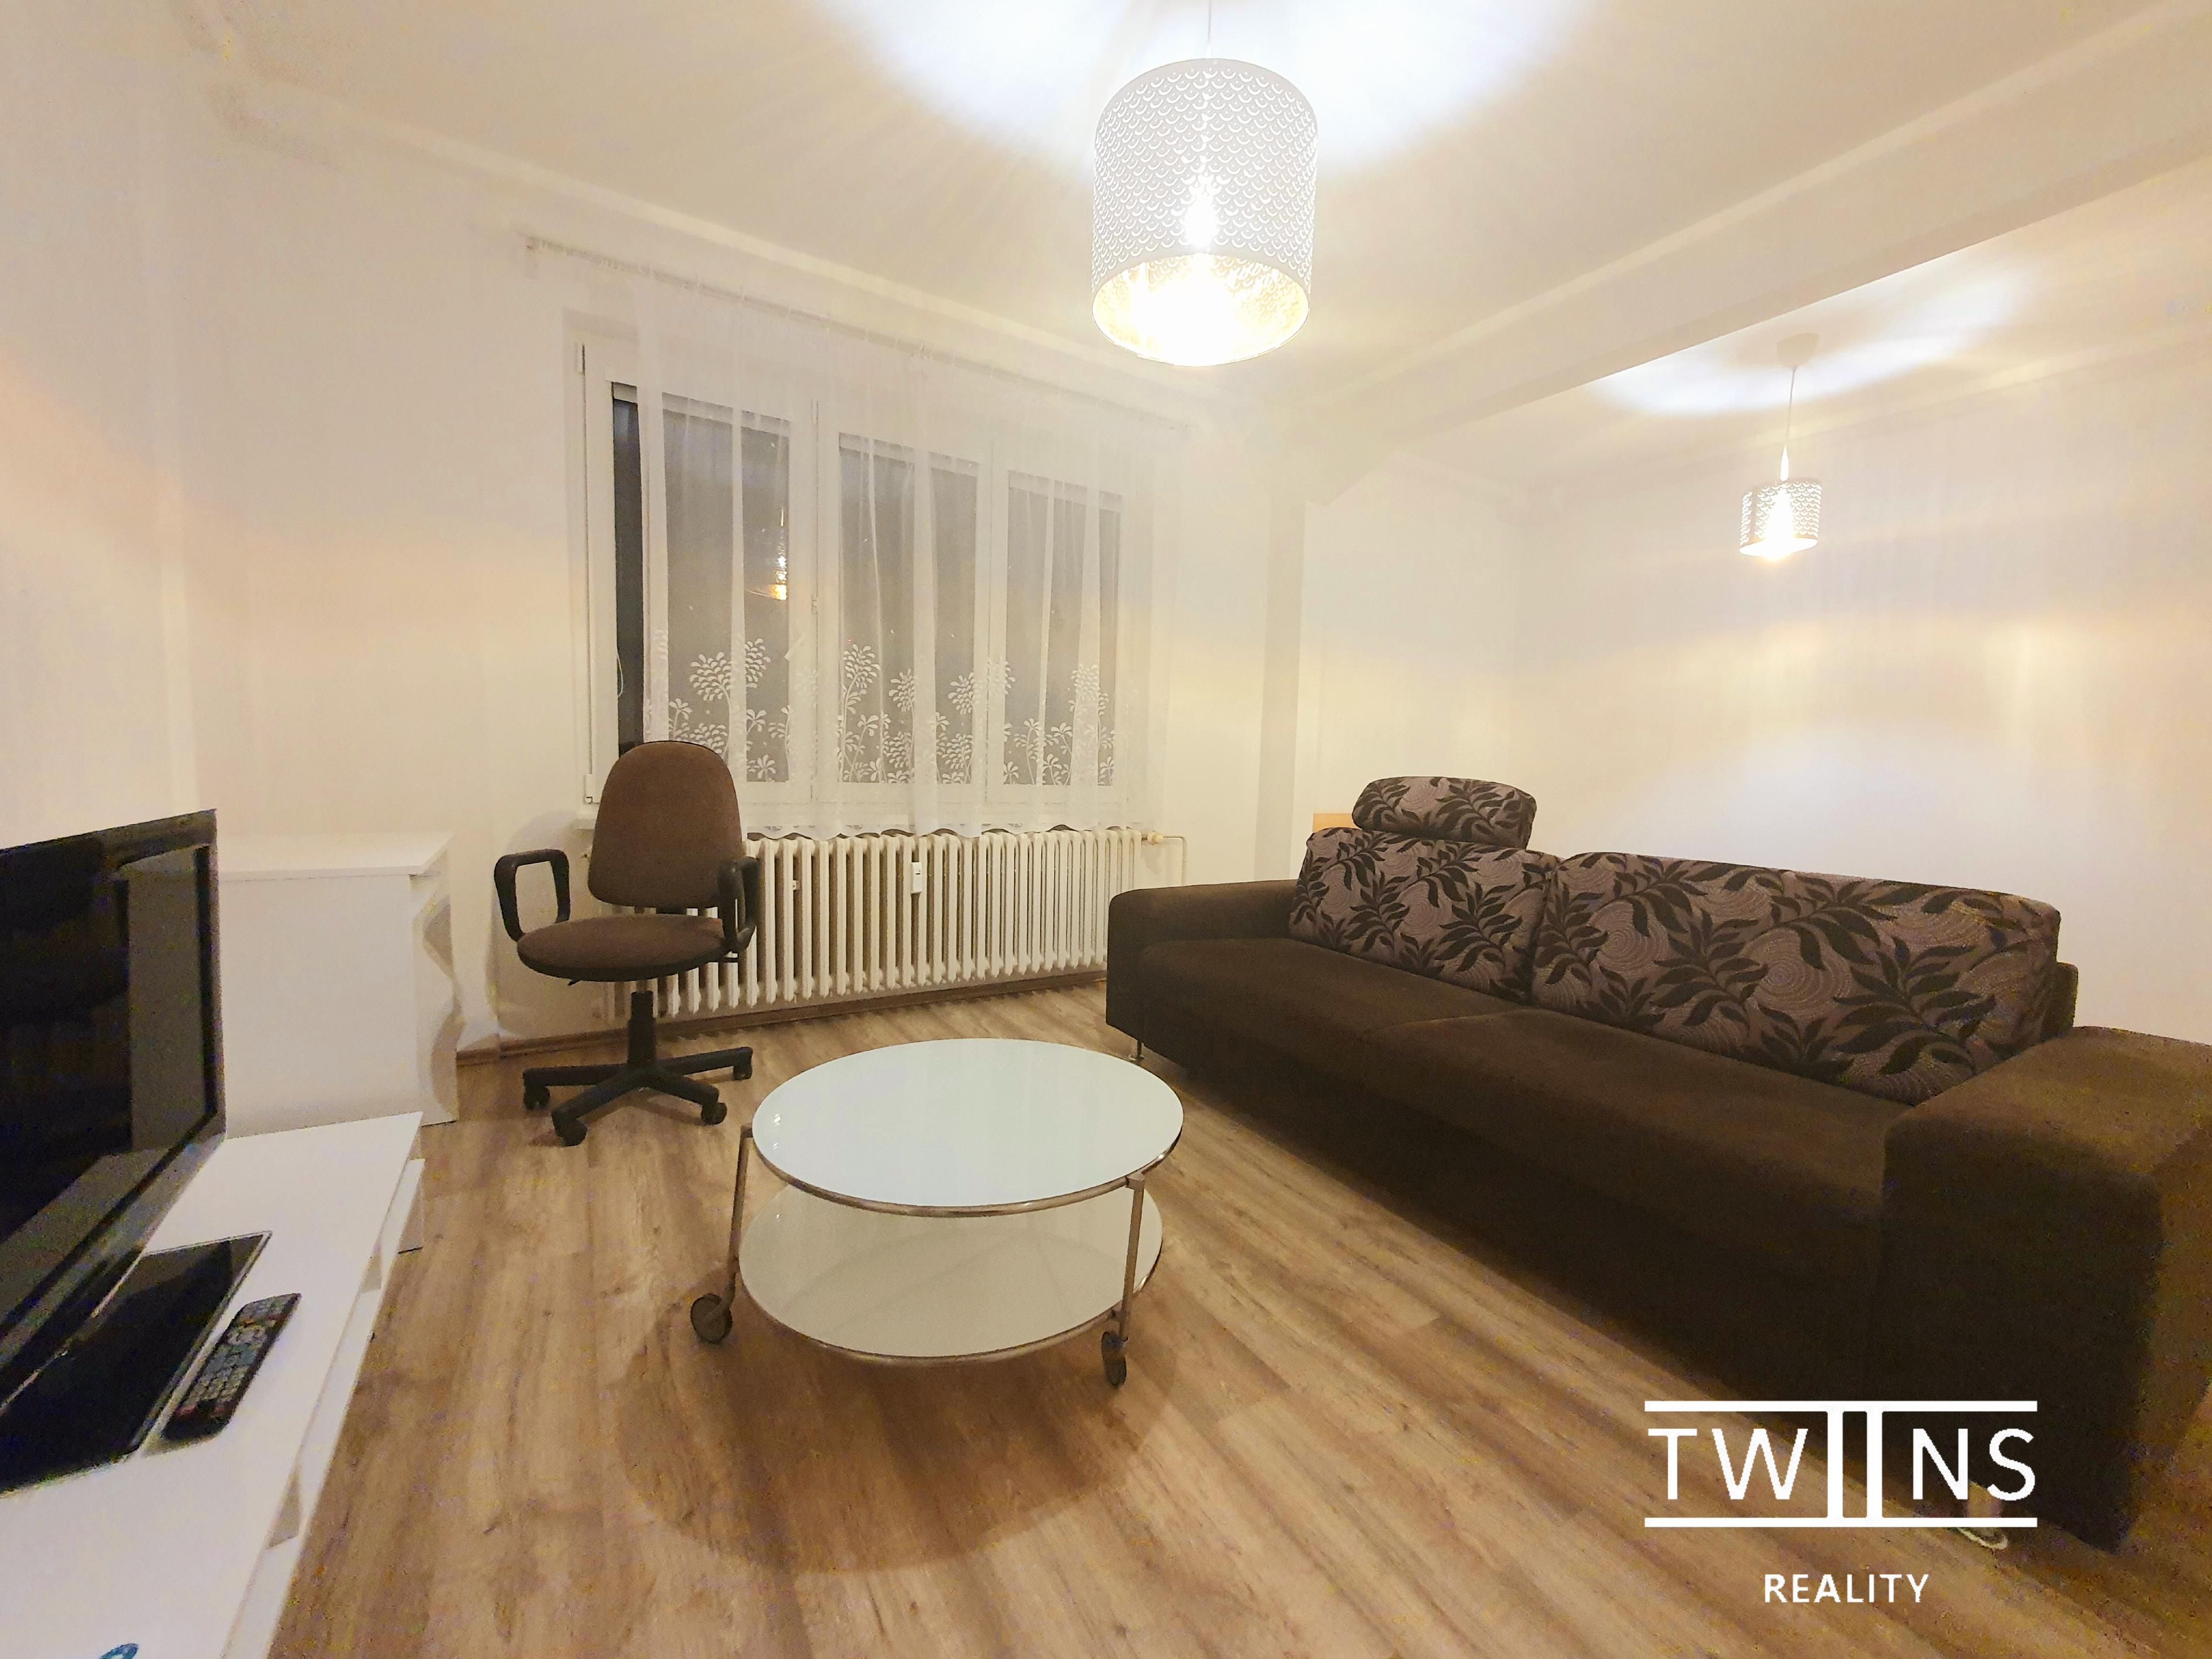 Prenajate! 🆕🔝Prenajmeme 1 izbovy byt so spacim kutom🛏 ( 43m2) pri Strkovci v Ruzinove